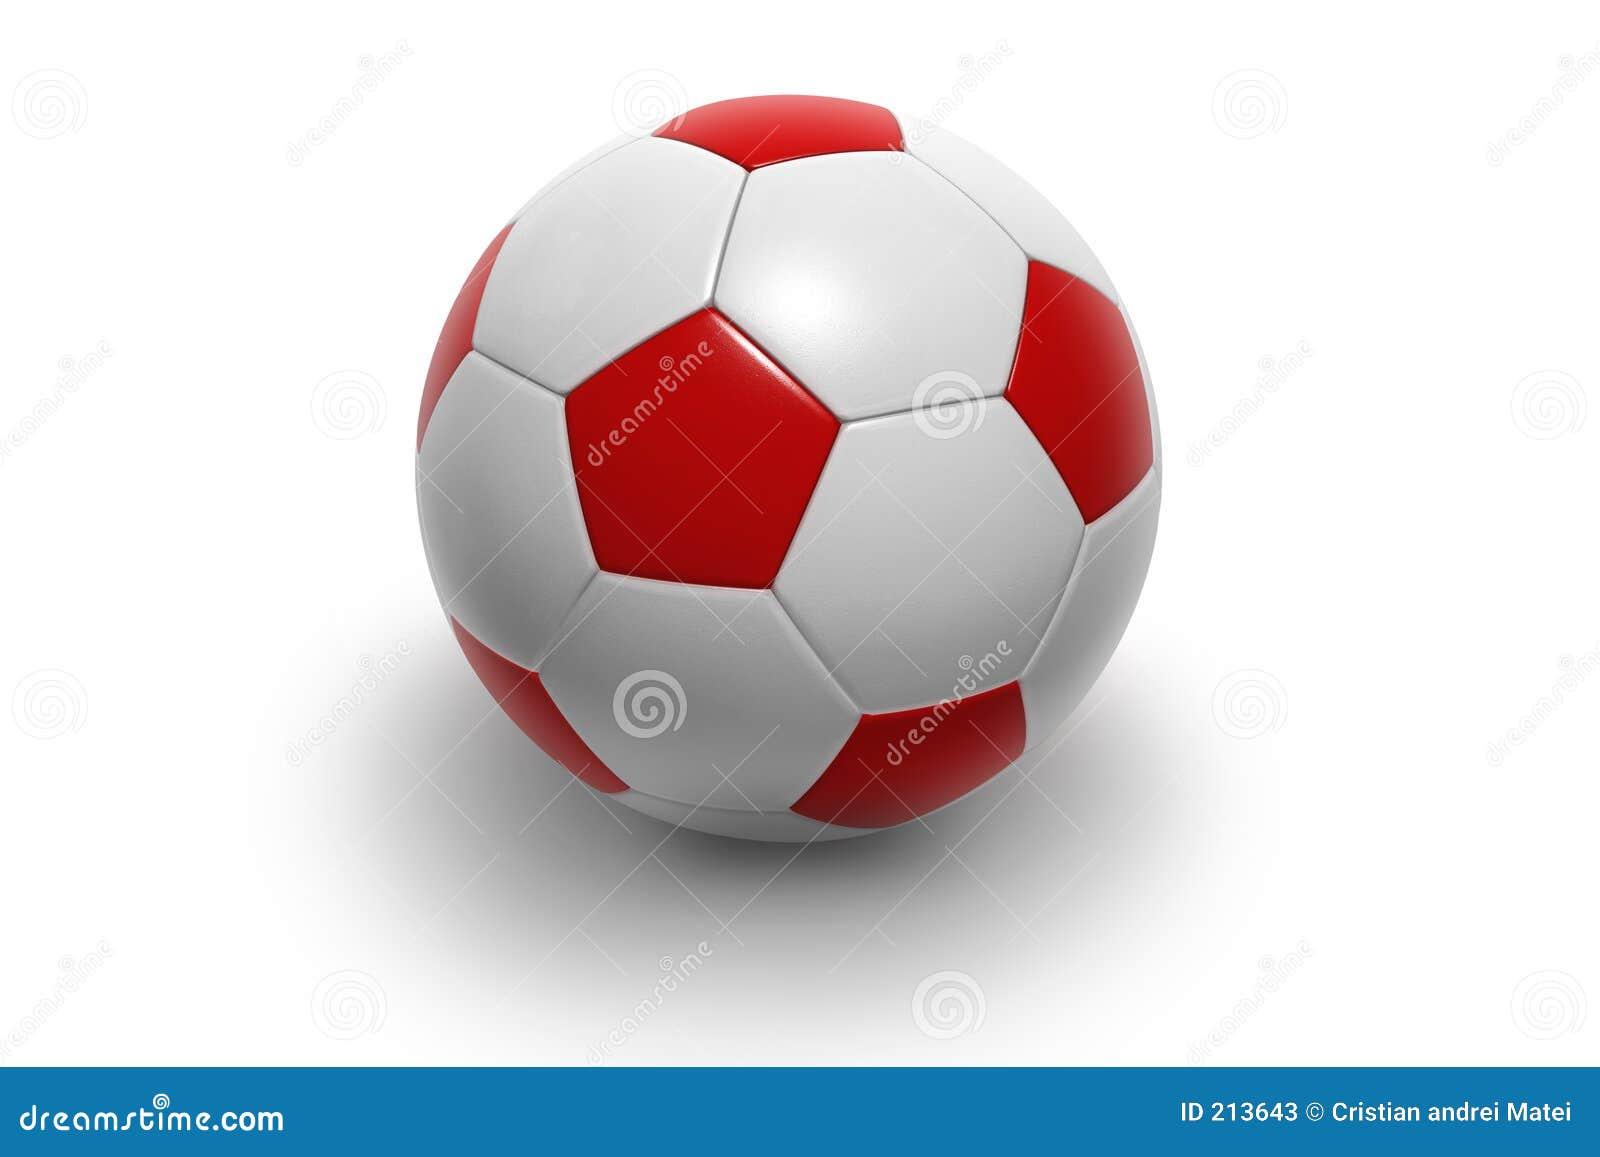 Calcio ball9